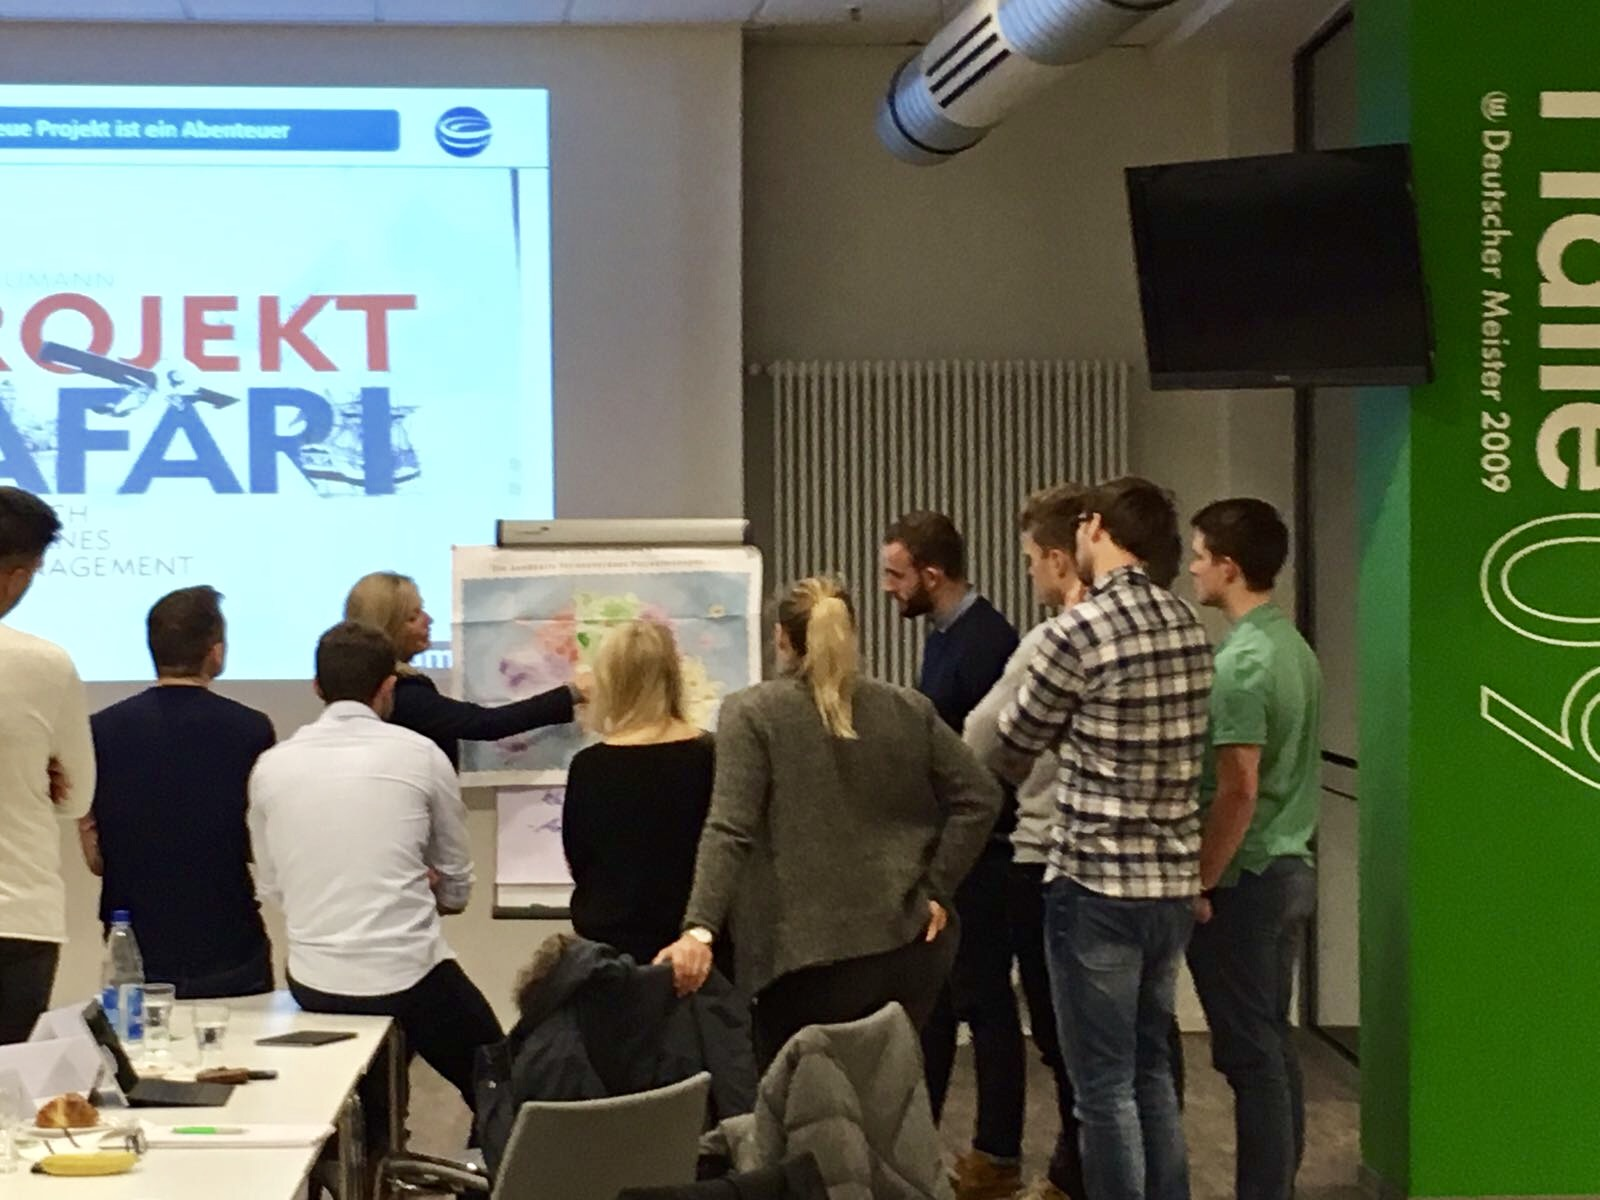 Foto: Dozentin Bettina Miserre mit Seminarteilnehmern am VfL Wolfsburg Campus über Agilität und Projektmanagement